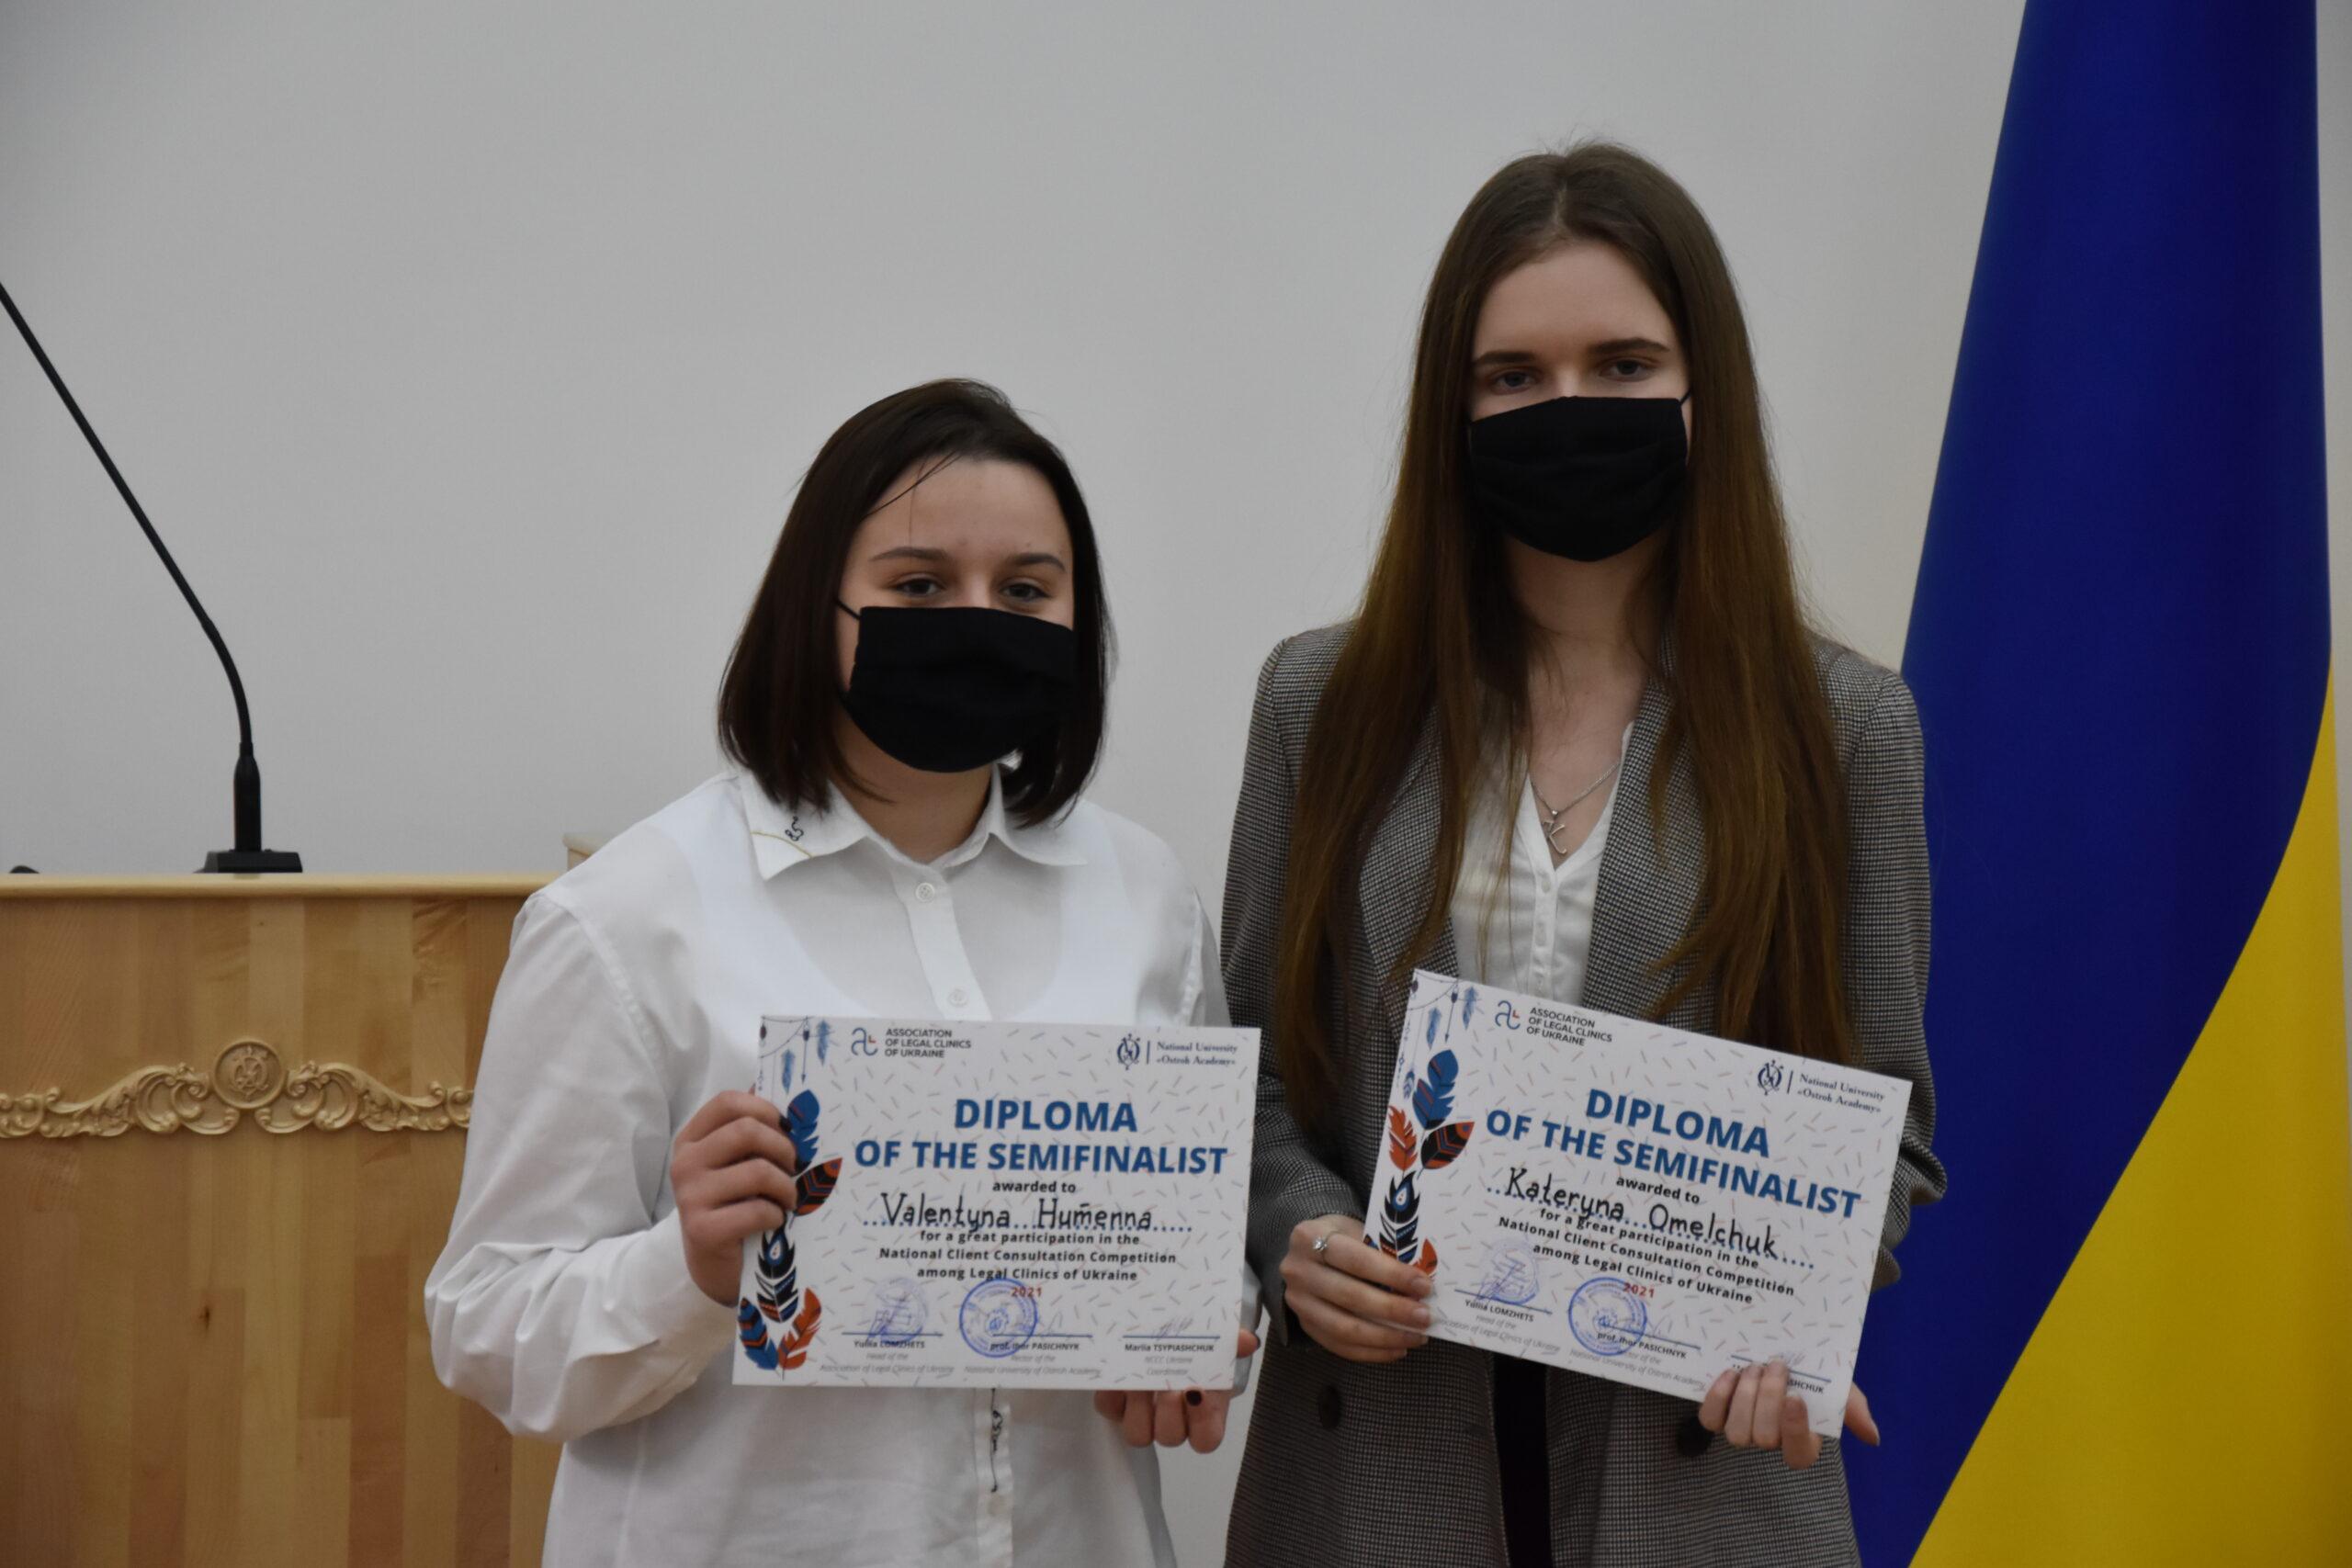 Олімпіада з консультування клієнтів 2021: 11 юридичних клінік України змагались за можливість представляти Україну у Міжнародних змаганнях